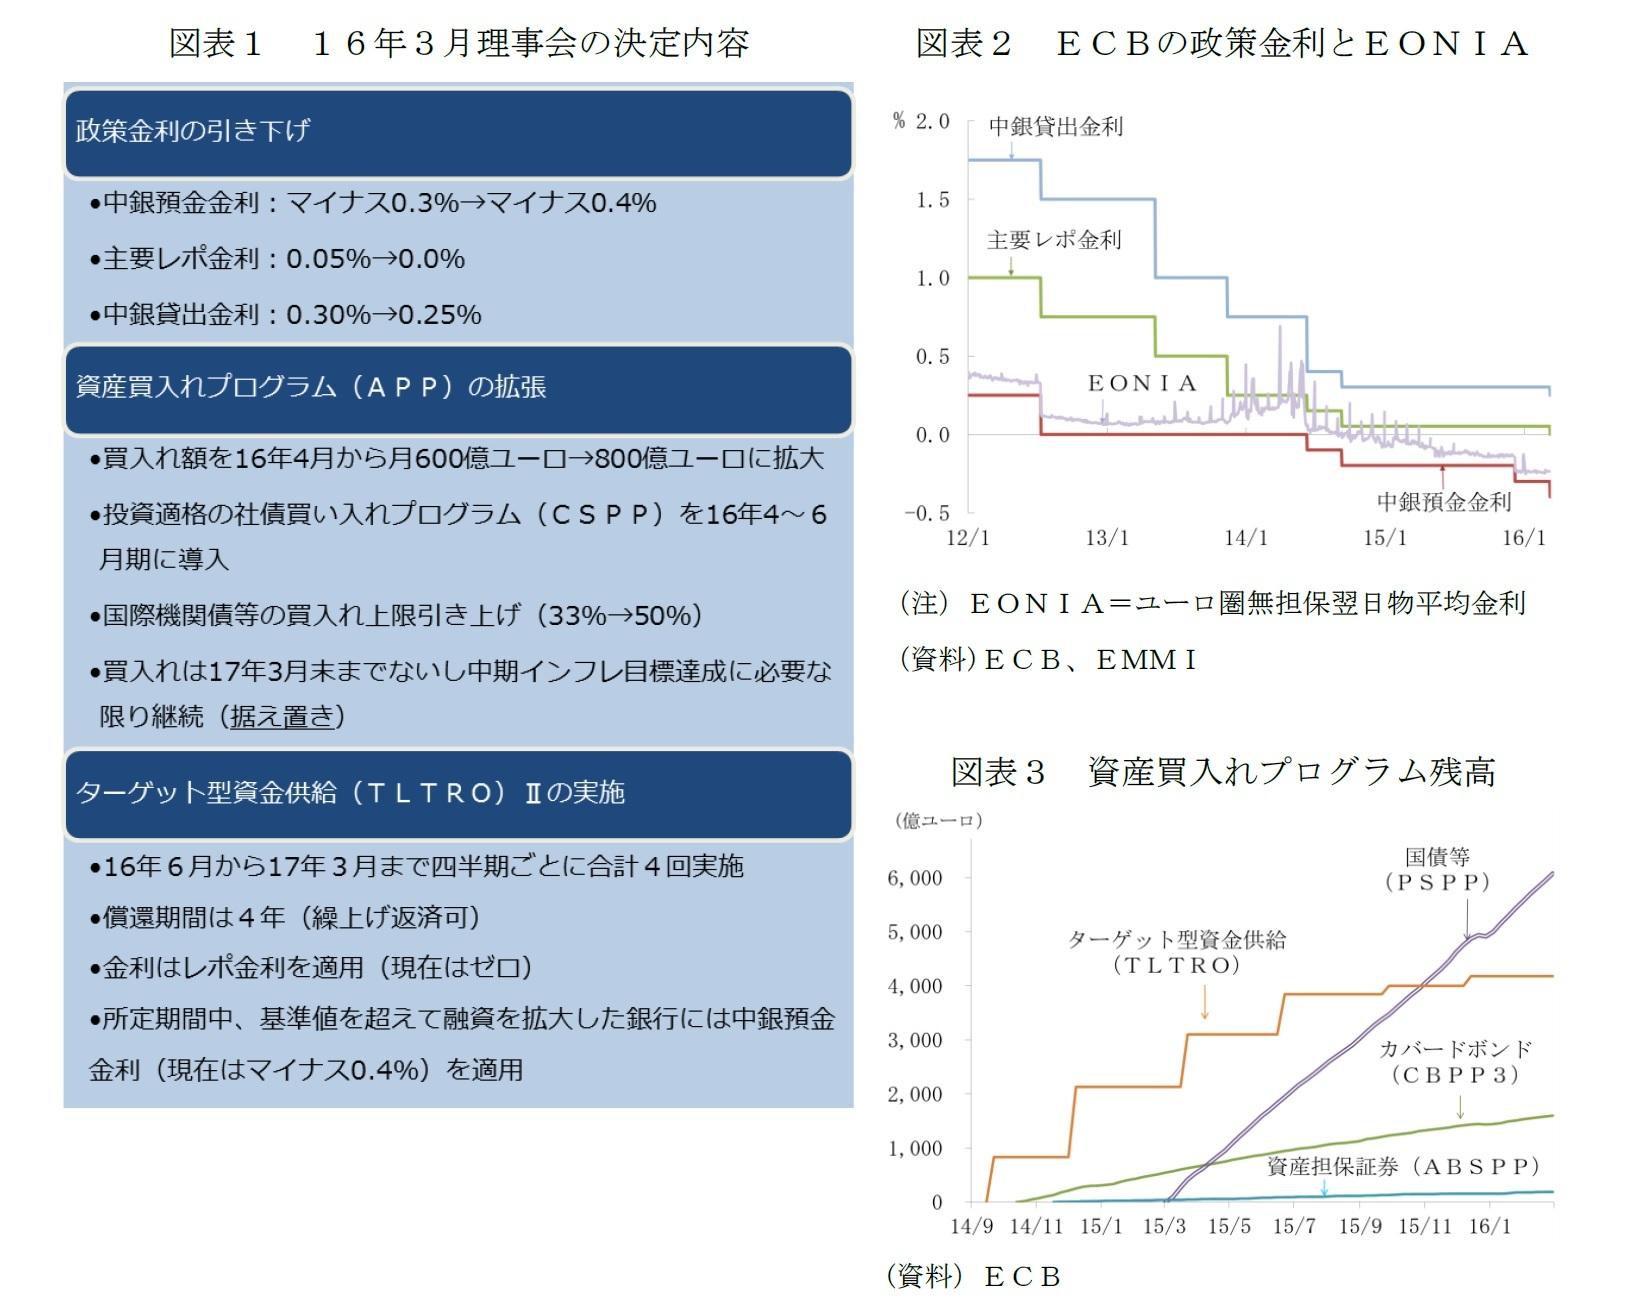 図表1 16年3月理事会の決定内容/図表2 ECBの政策金利とEONIA/図表3 資産買入れプログラム残高